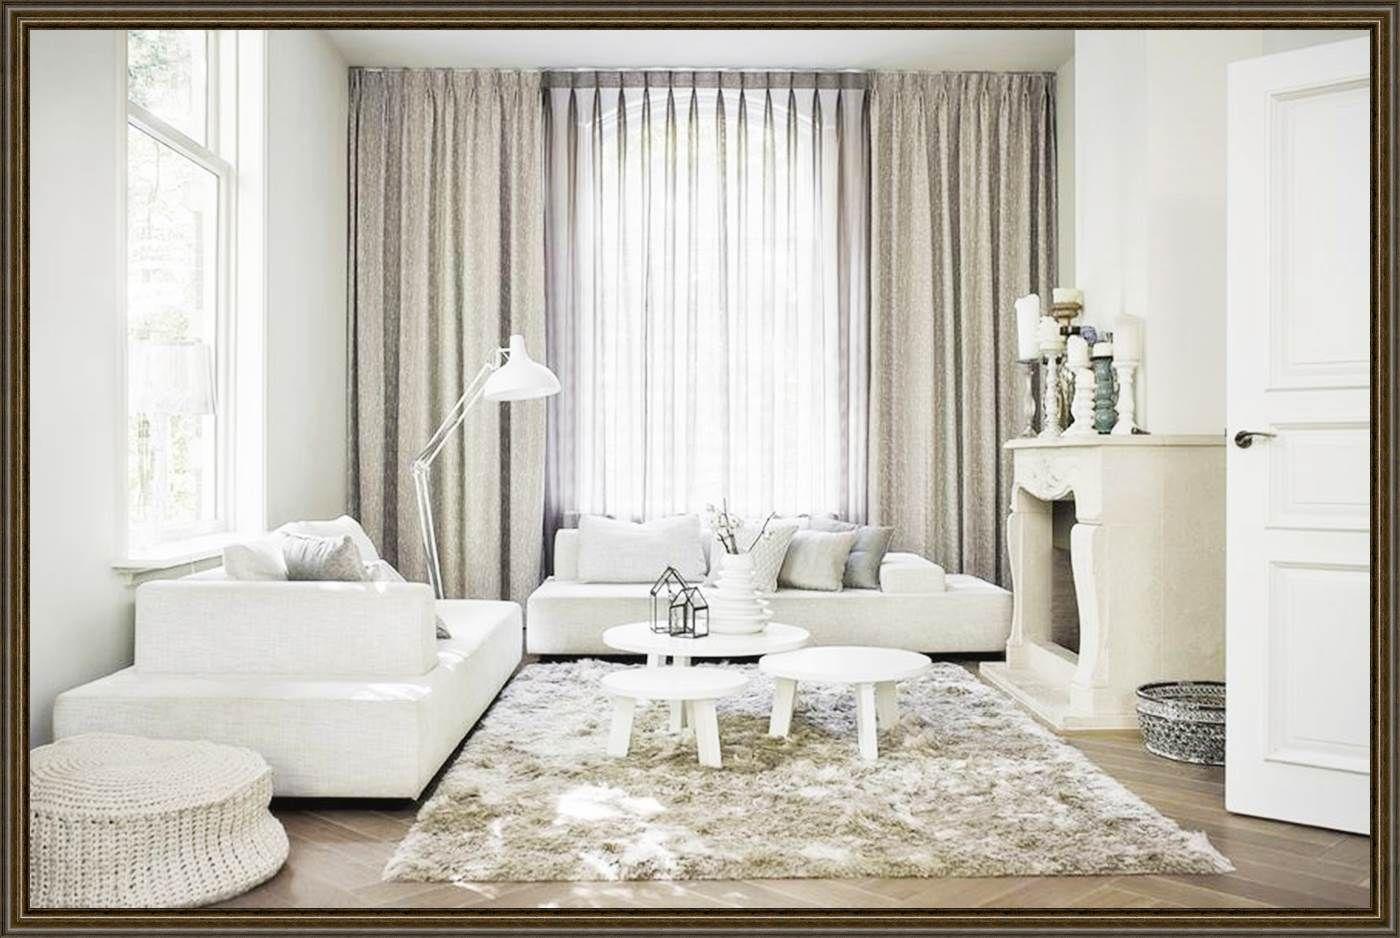 wohnzimmer katalog, hotelr best hotel deal site | dekoideen bad selber machen, Design ideen